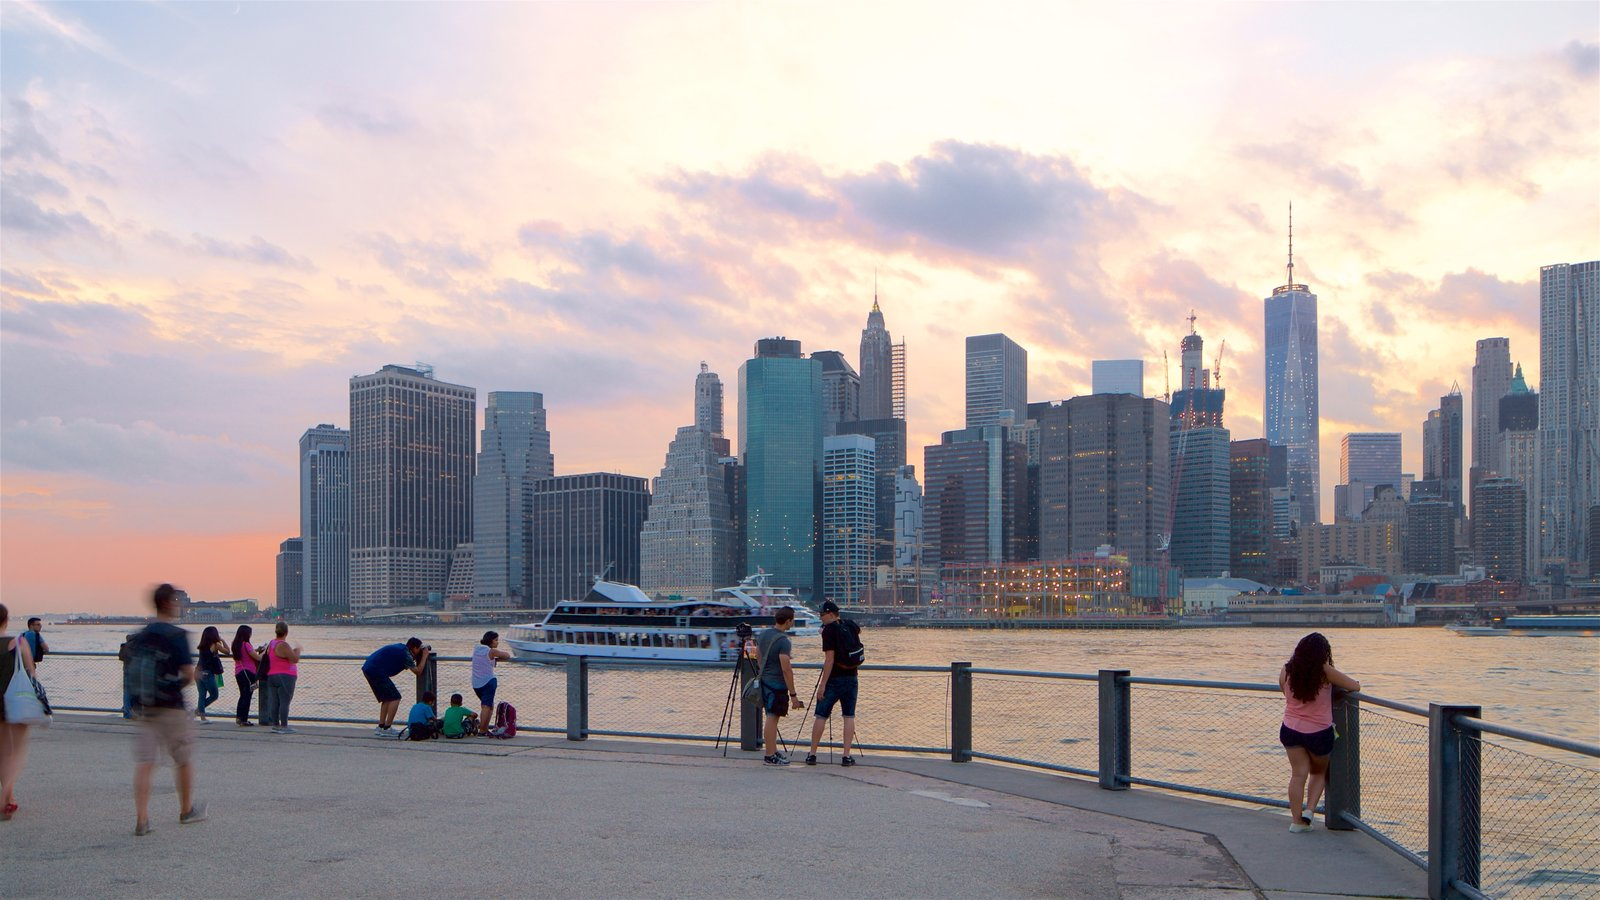 Brooklyn Heights Promenade mostrando um pôr do sol, um arranha-céu e uma cidade